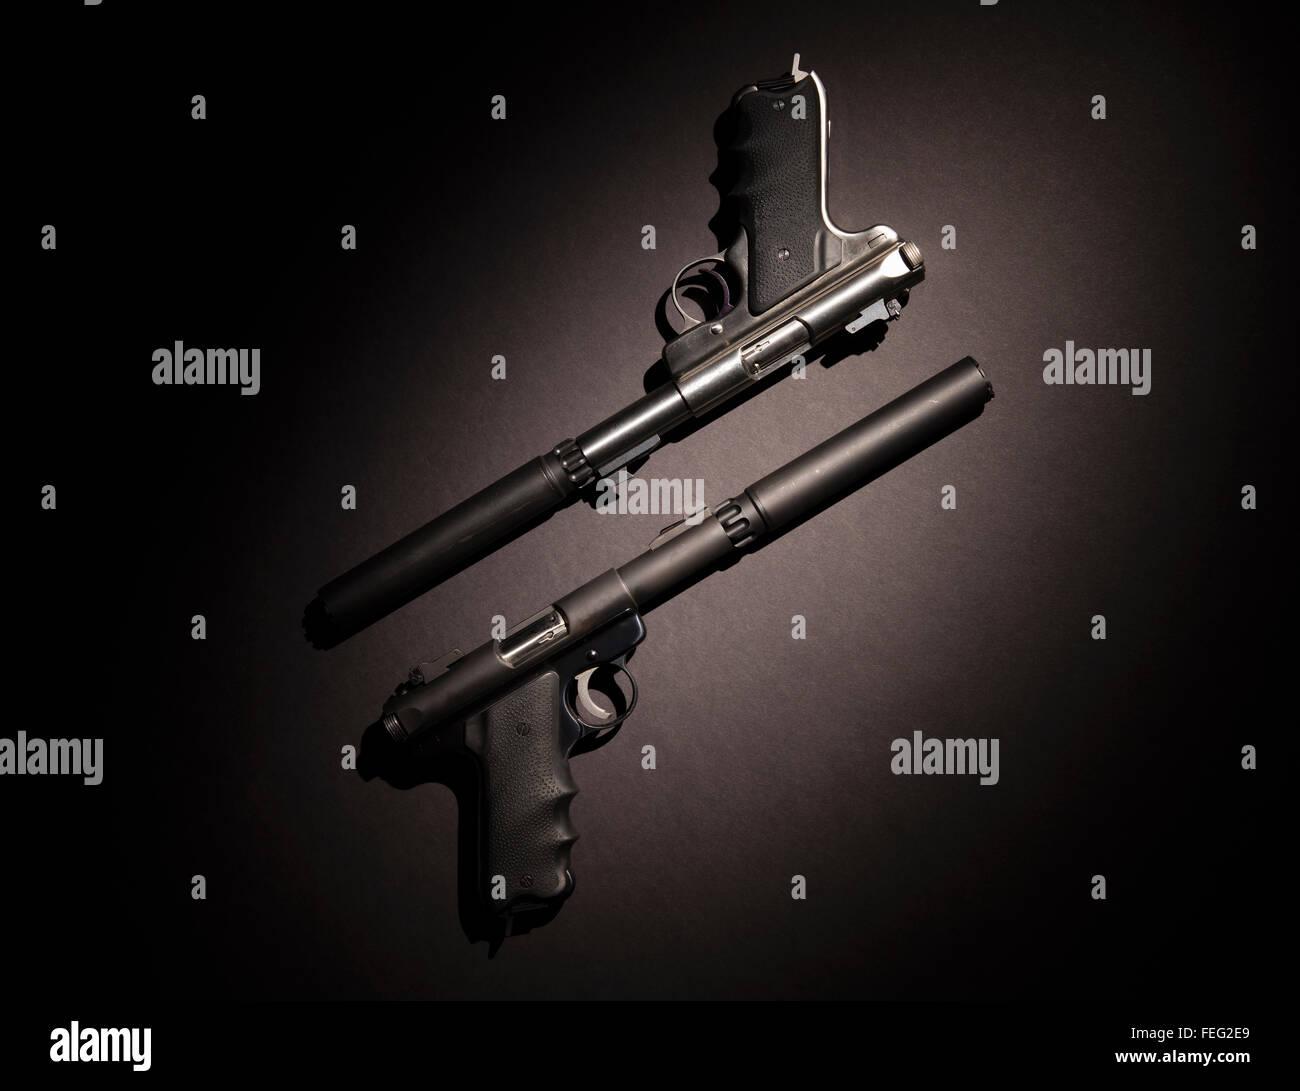 Dos pistolas semiautomáticas con silenciadores sobre fondo negro. Imagen De Stock